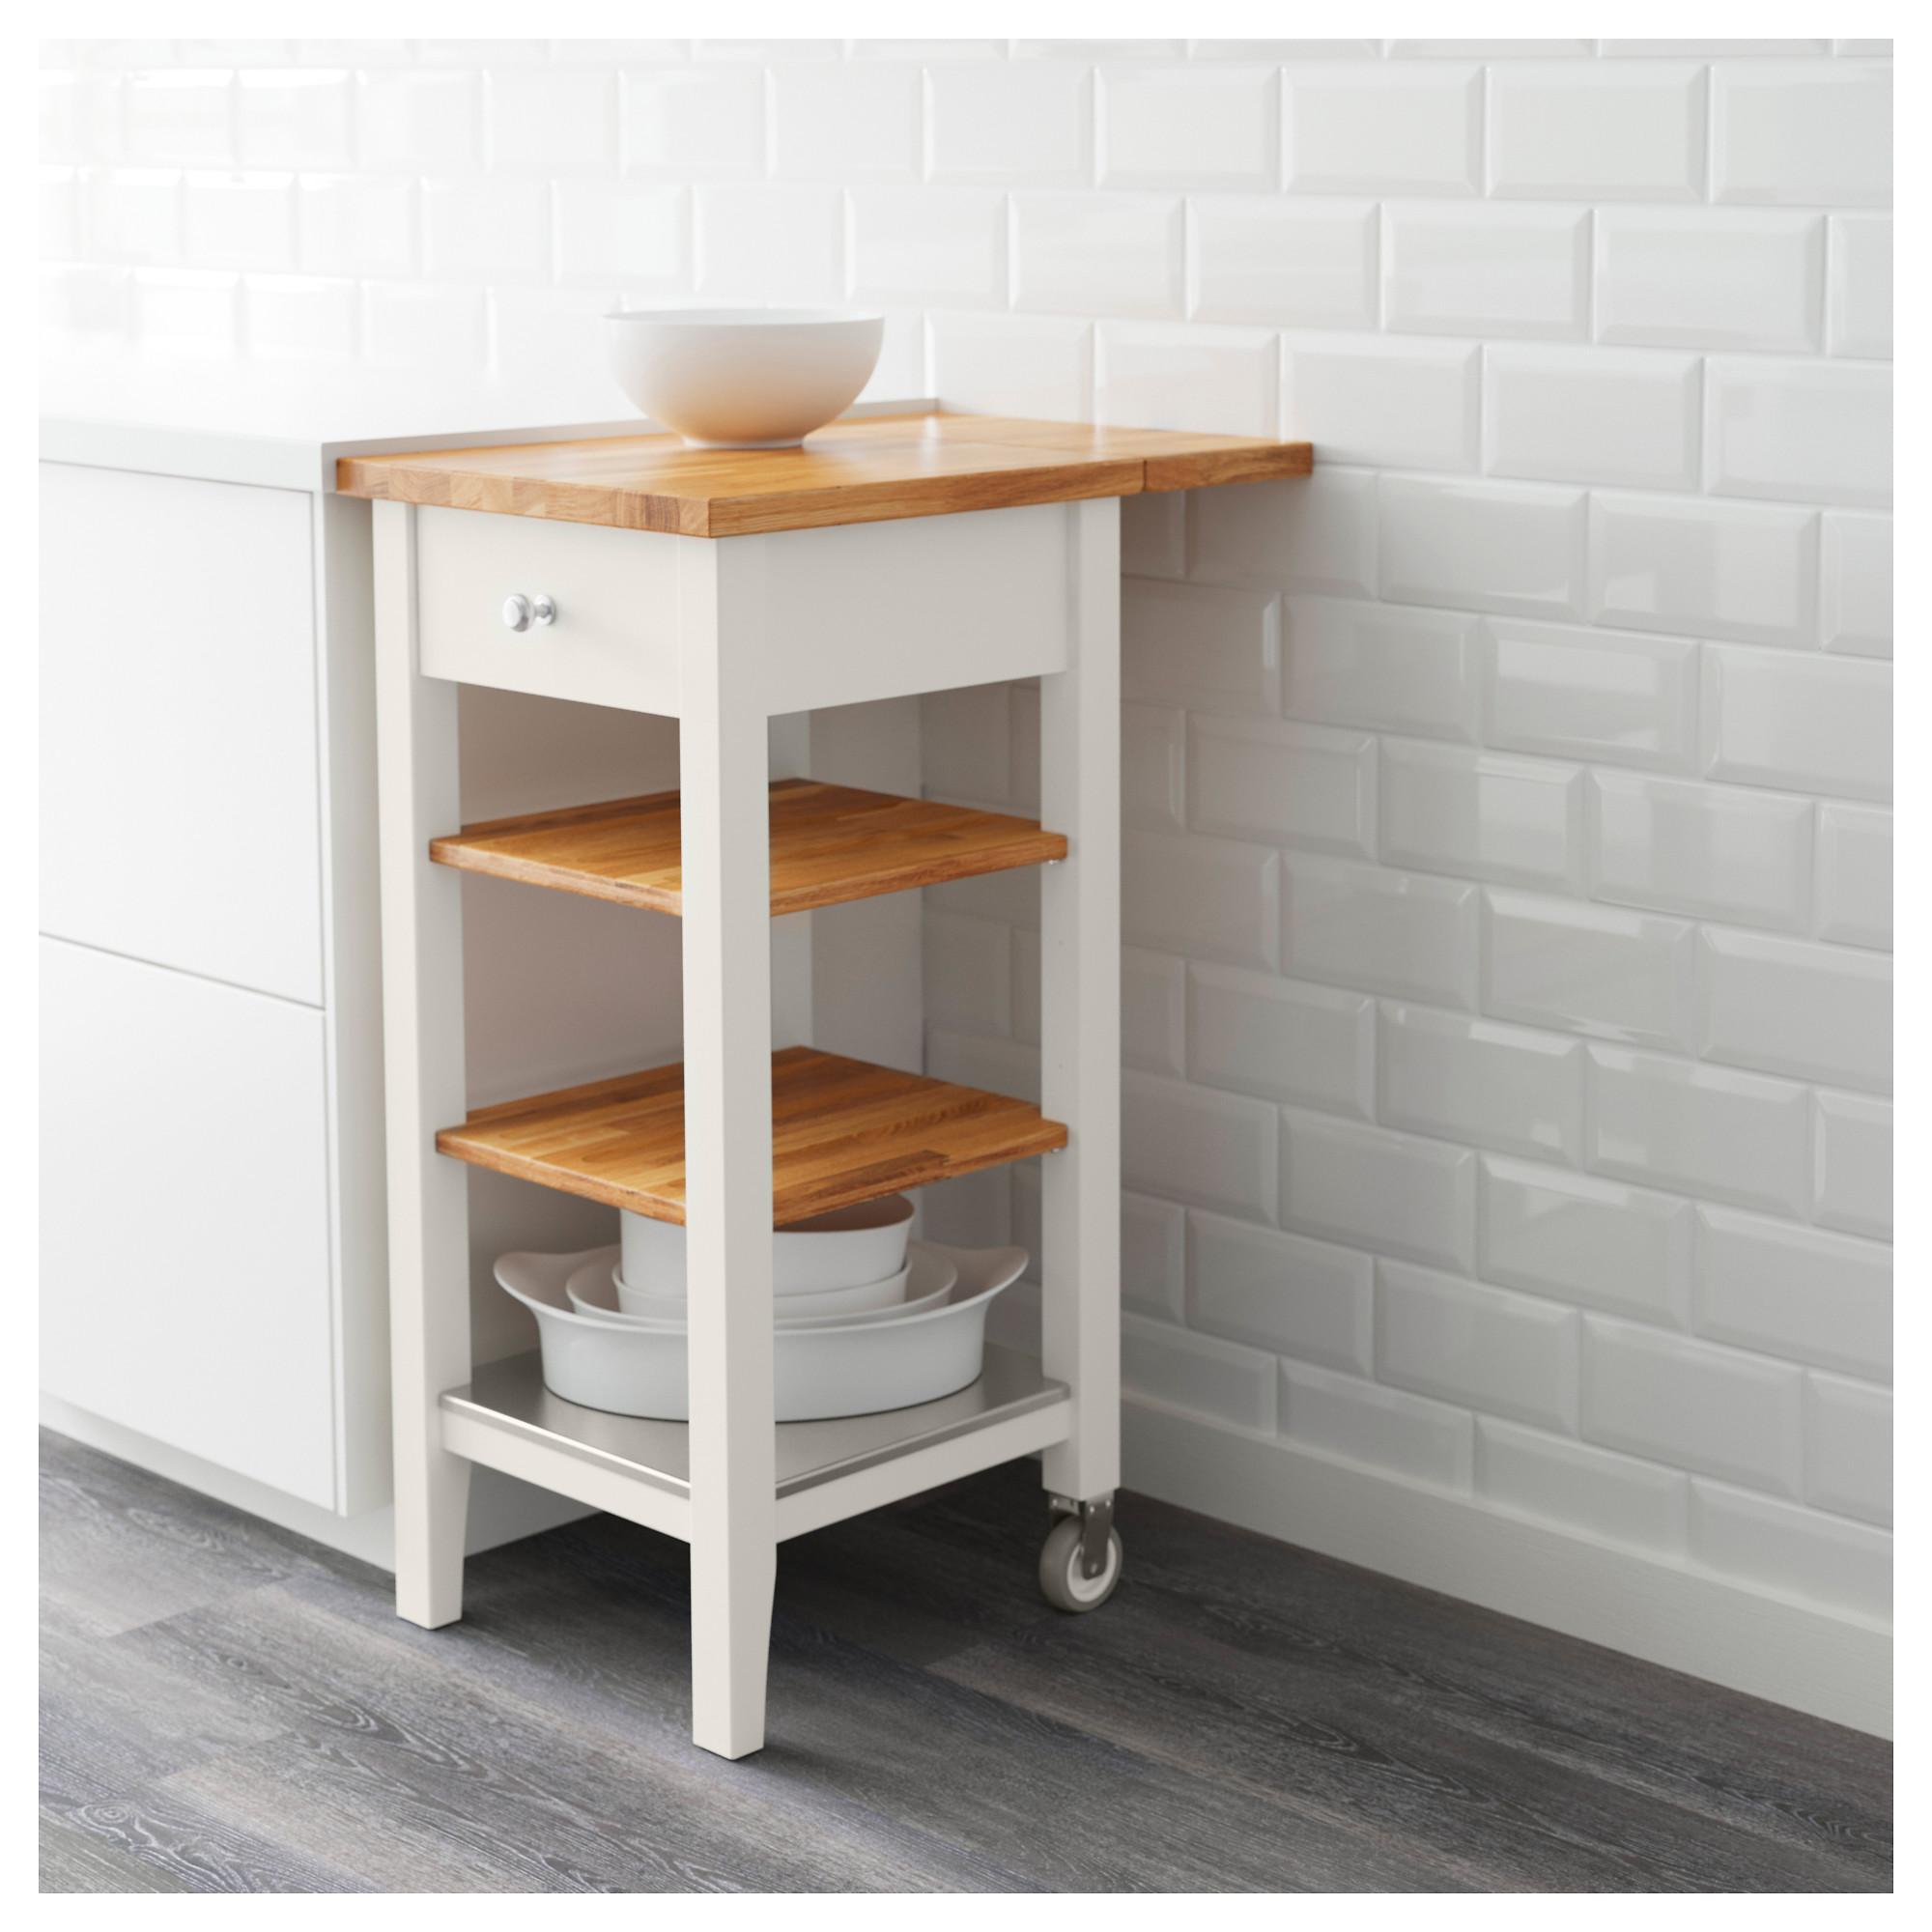 STENSTORP - kitchen trolley, white/oak | IKEA Hong Kong